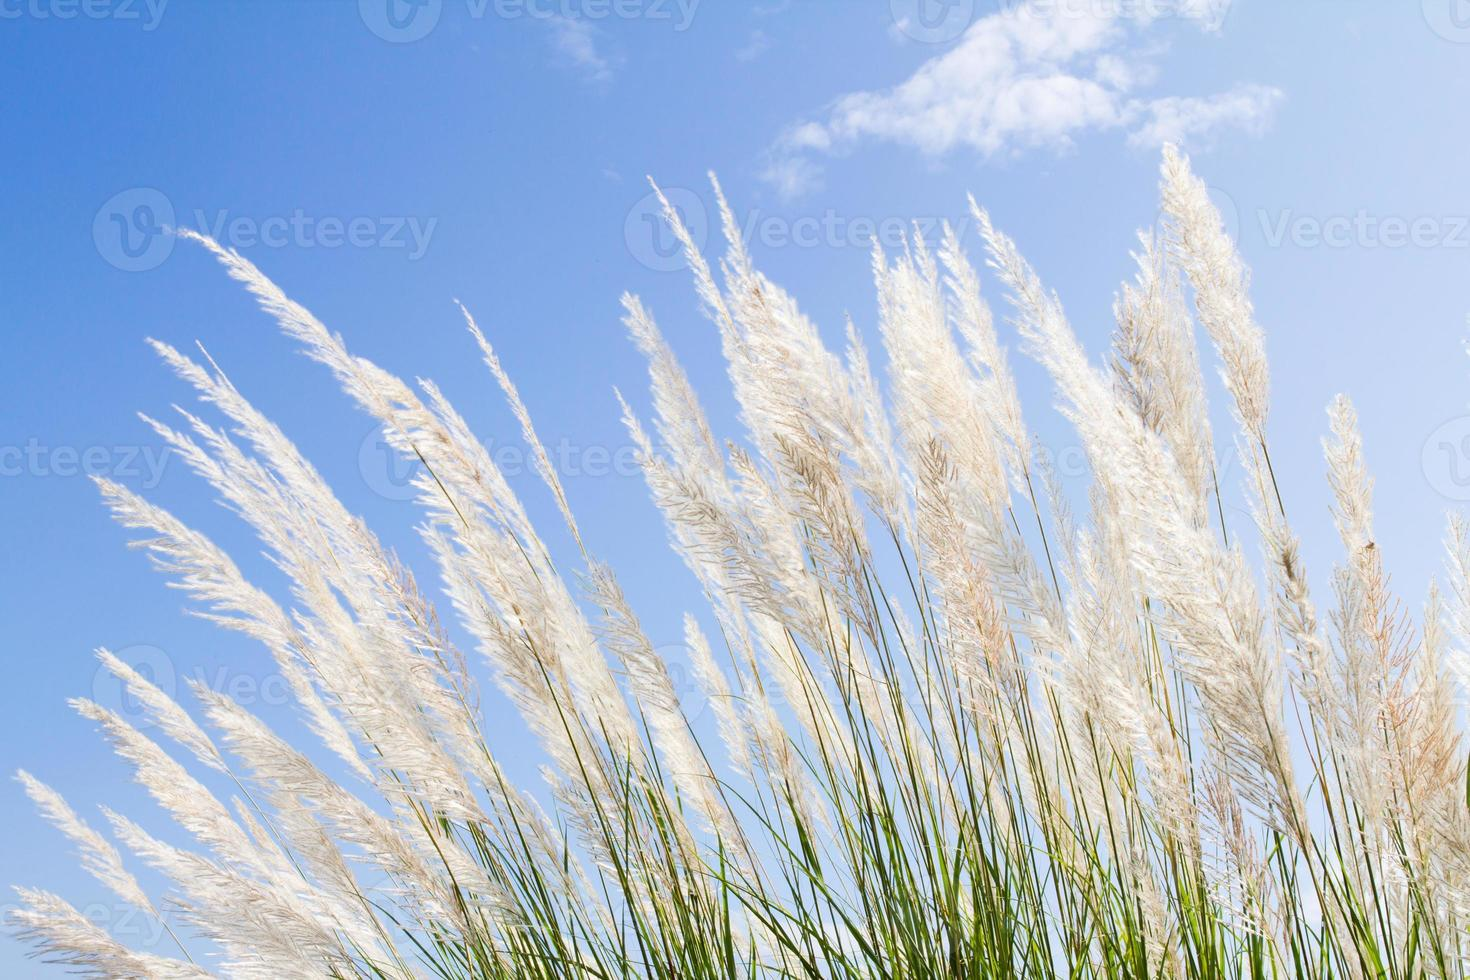 zachtheid wit pluimgras met hemelsblauwe achtergrond en ruimte foto